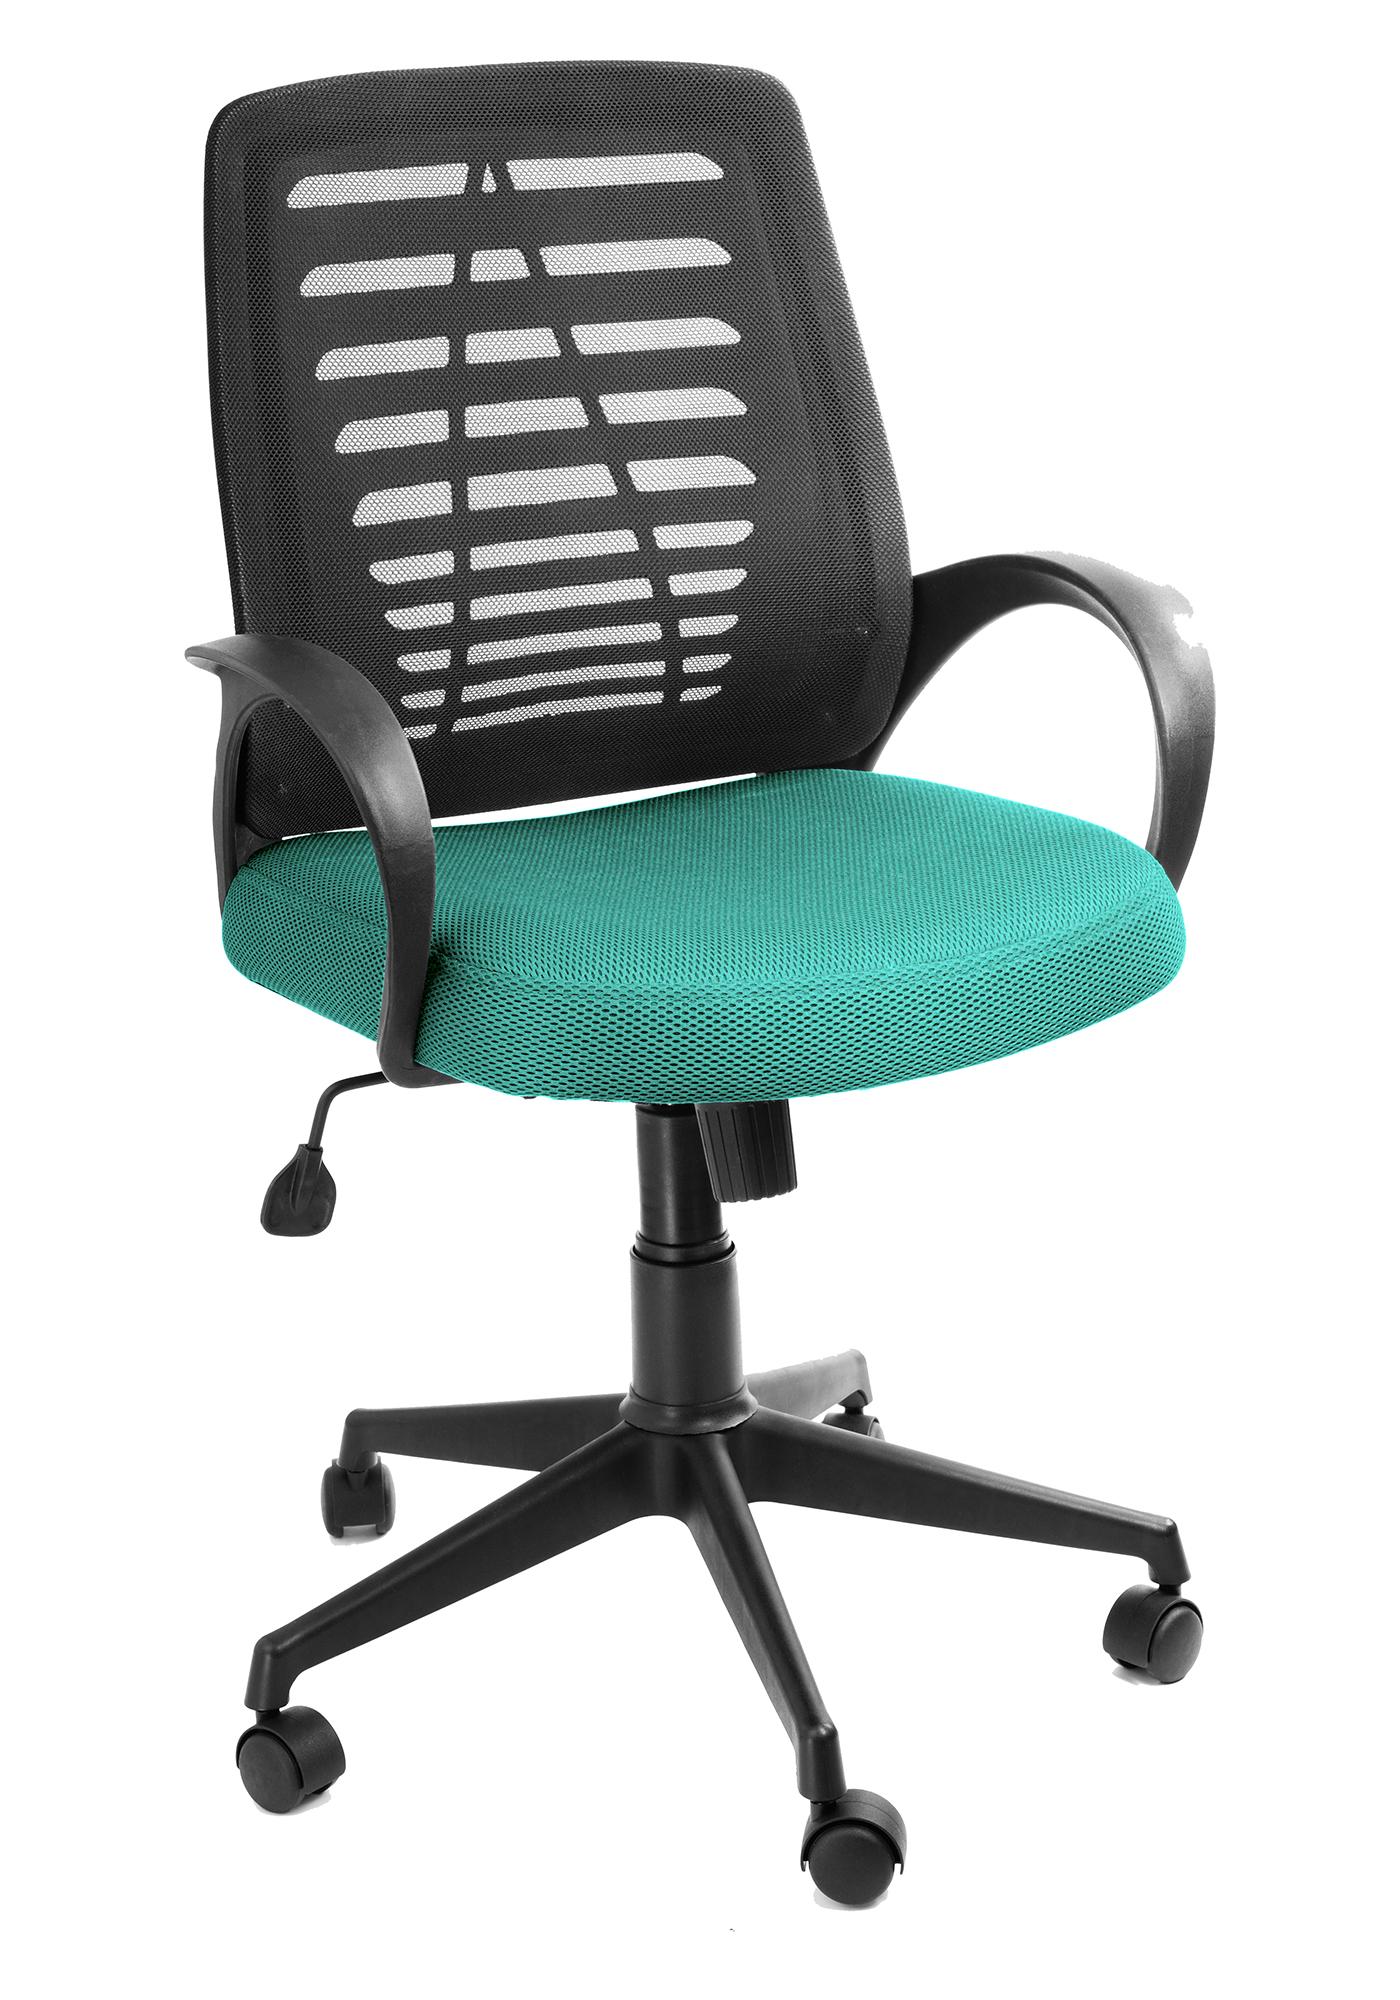 Компьютерное кресло Фактор, зеленый